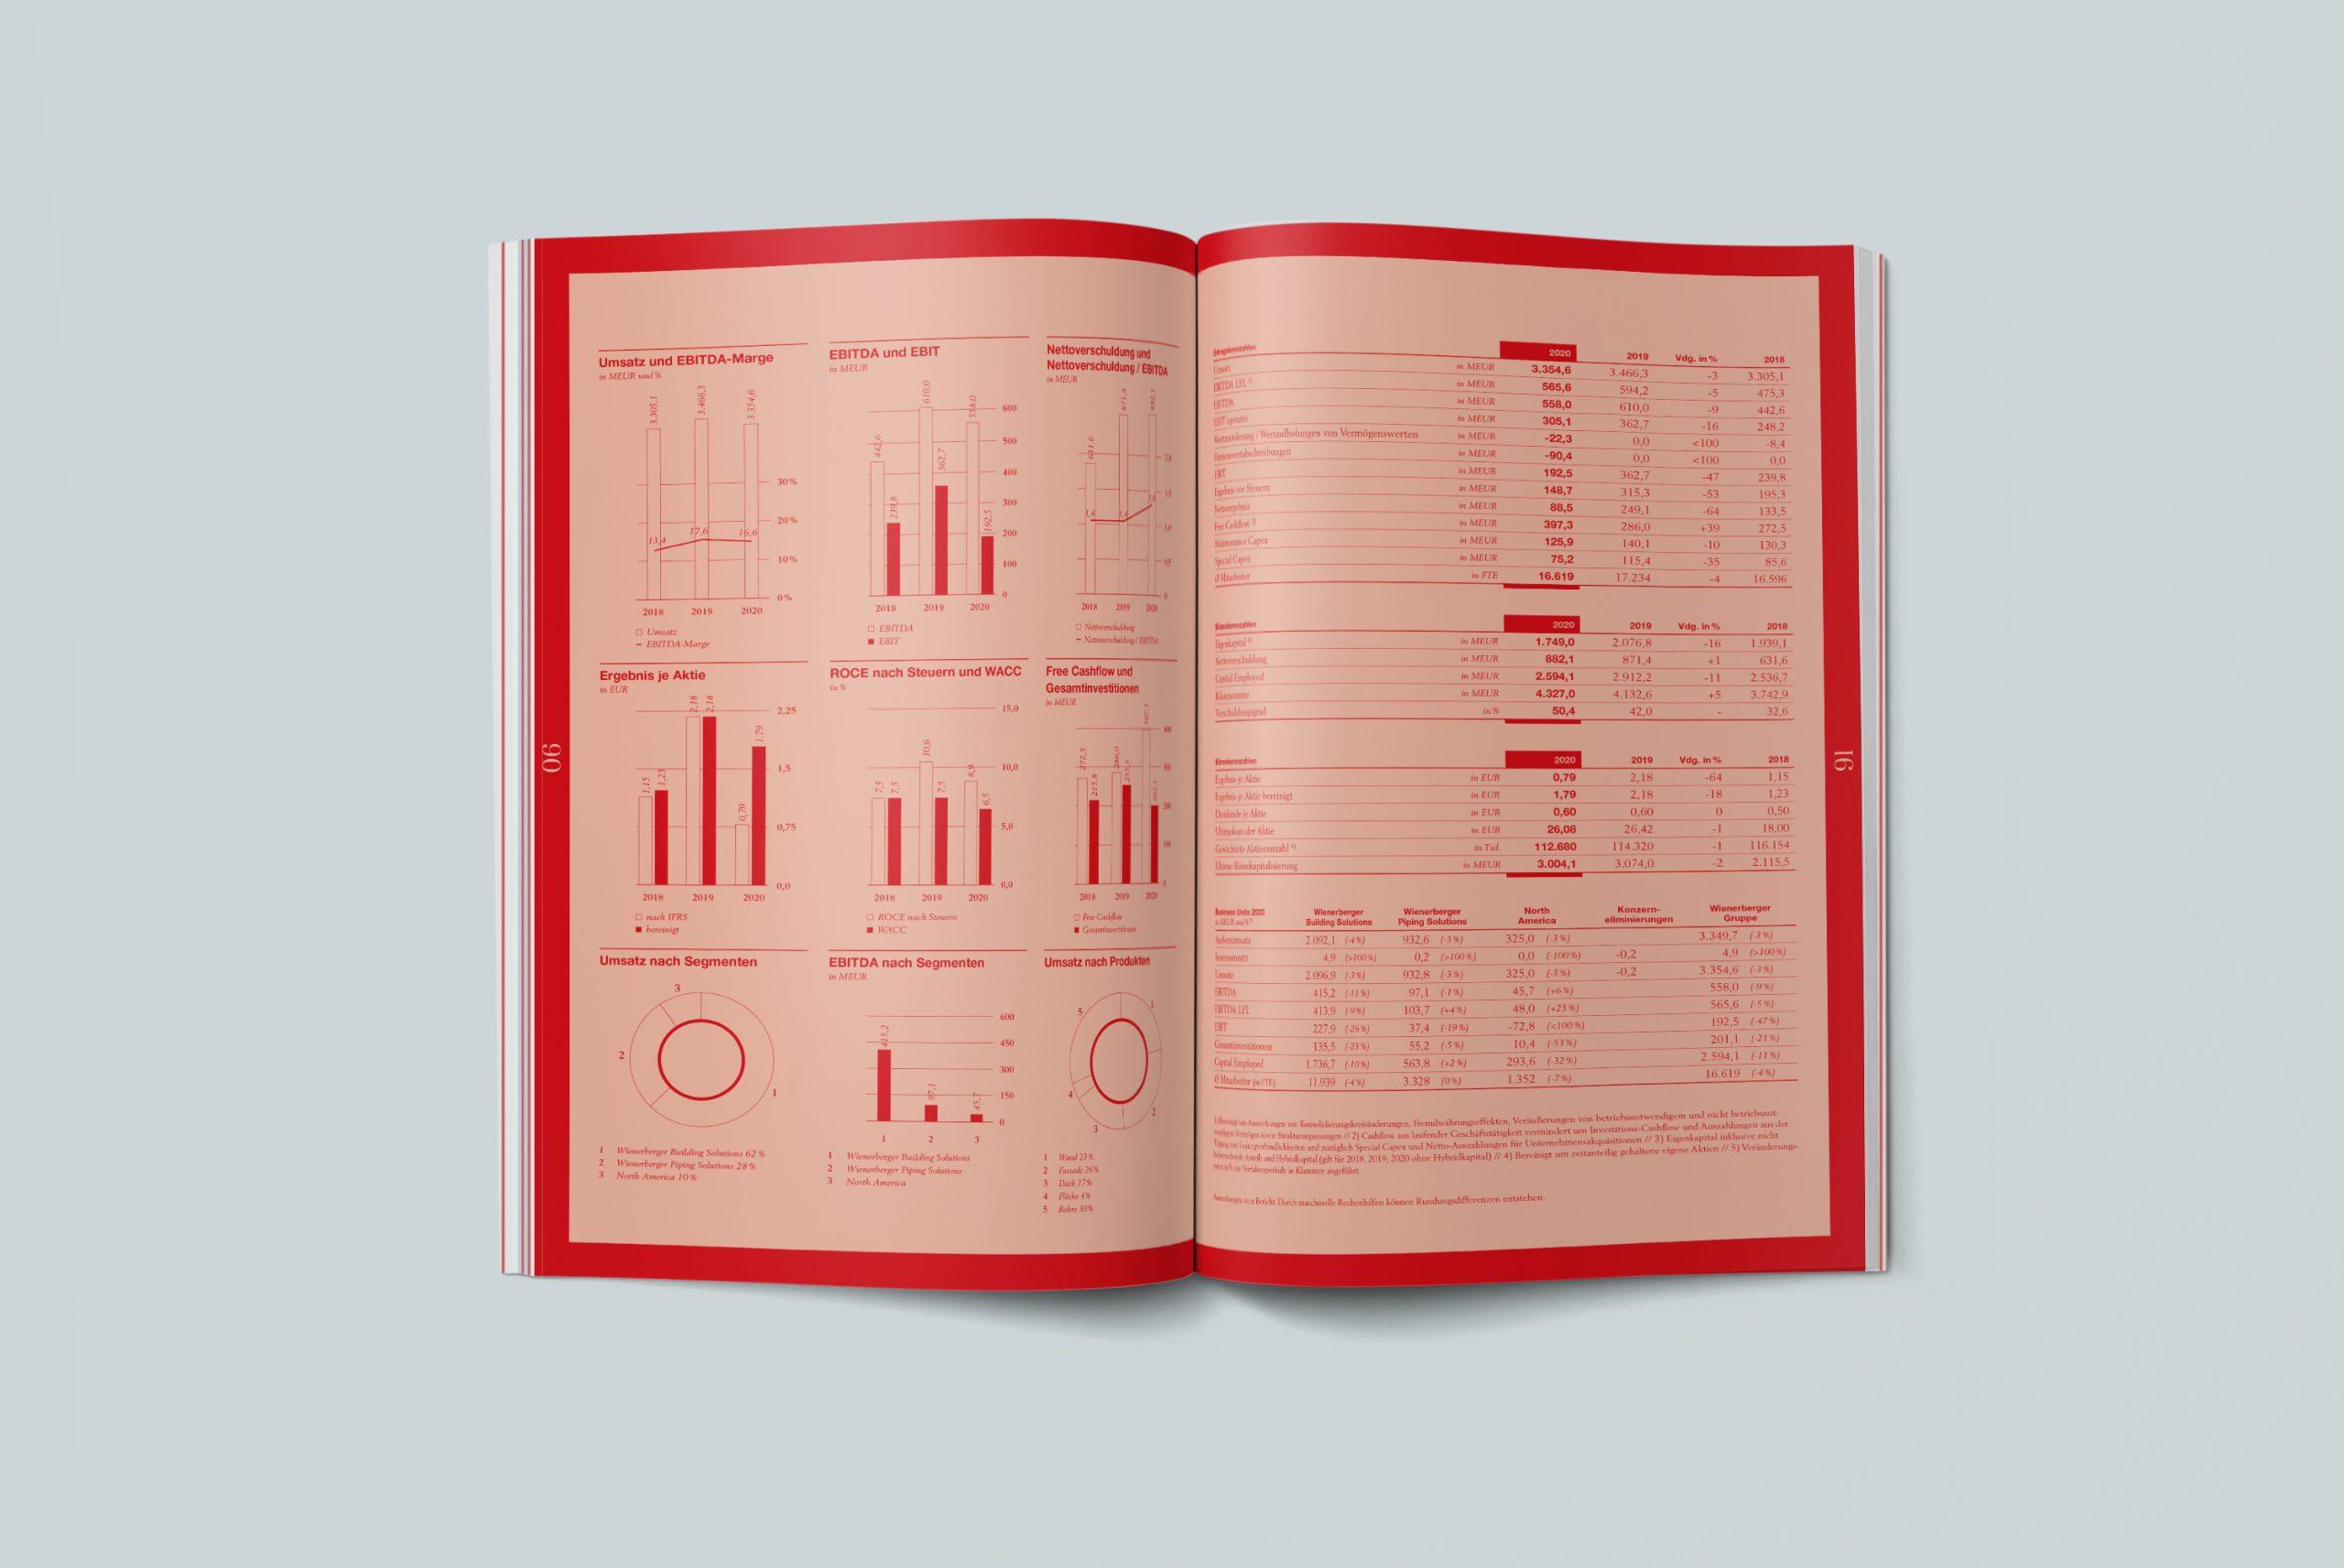 Wienerberger Geschäfstbericht 2020 Doppelseite Informationsdesign